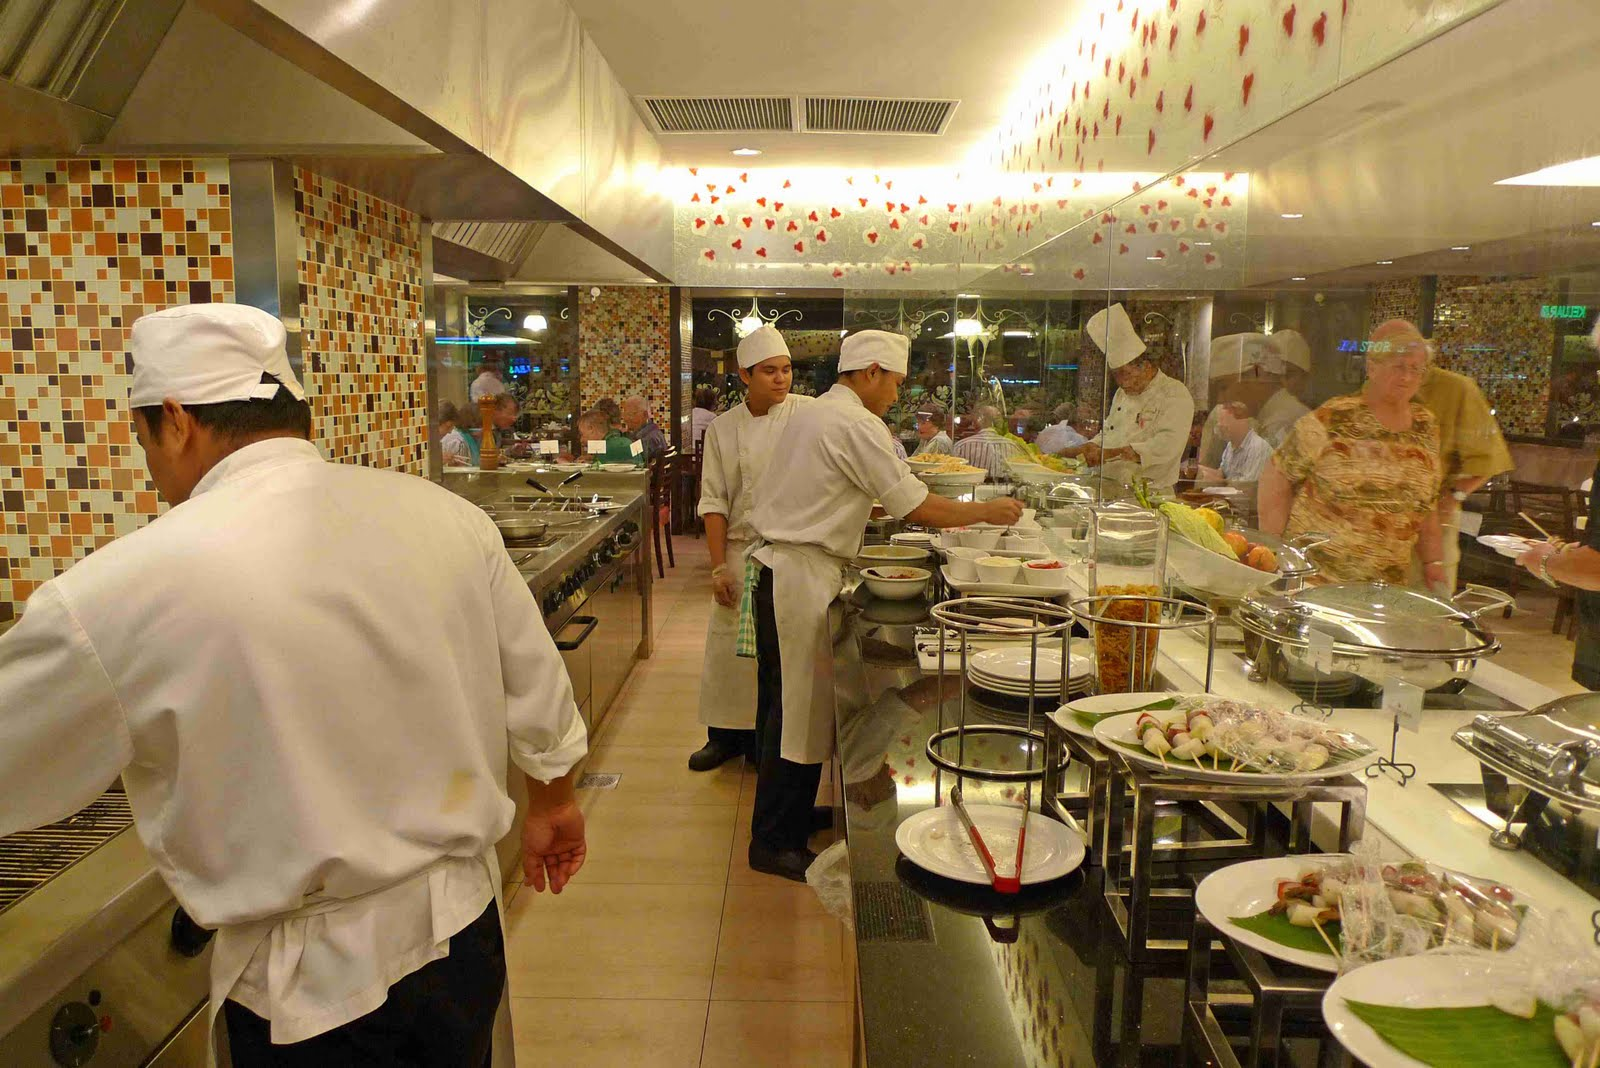 Restaurant Unfortunately The Kitchen Is Very Uneaven